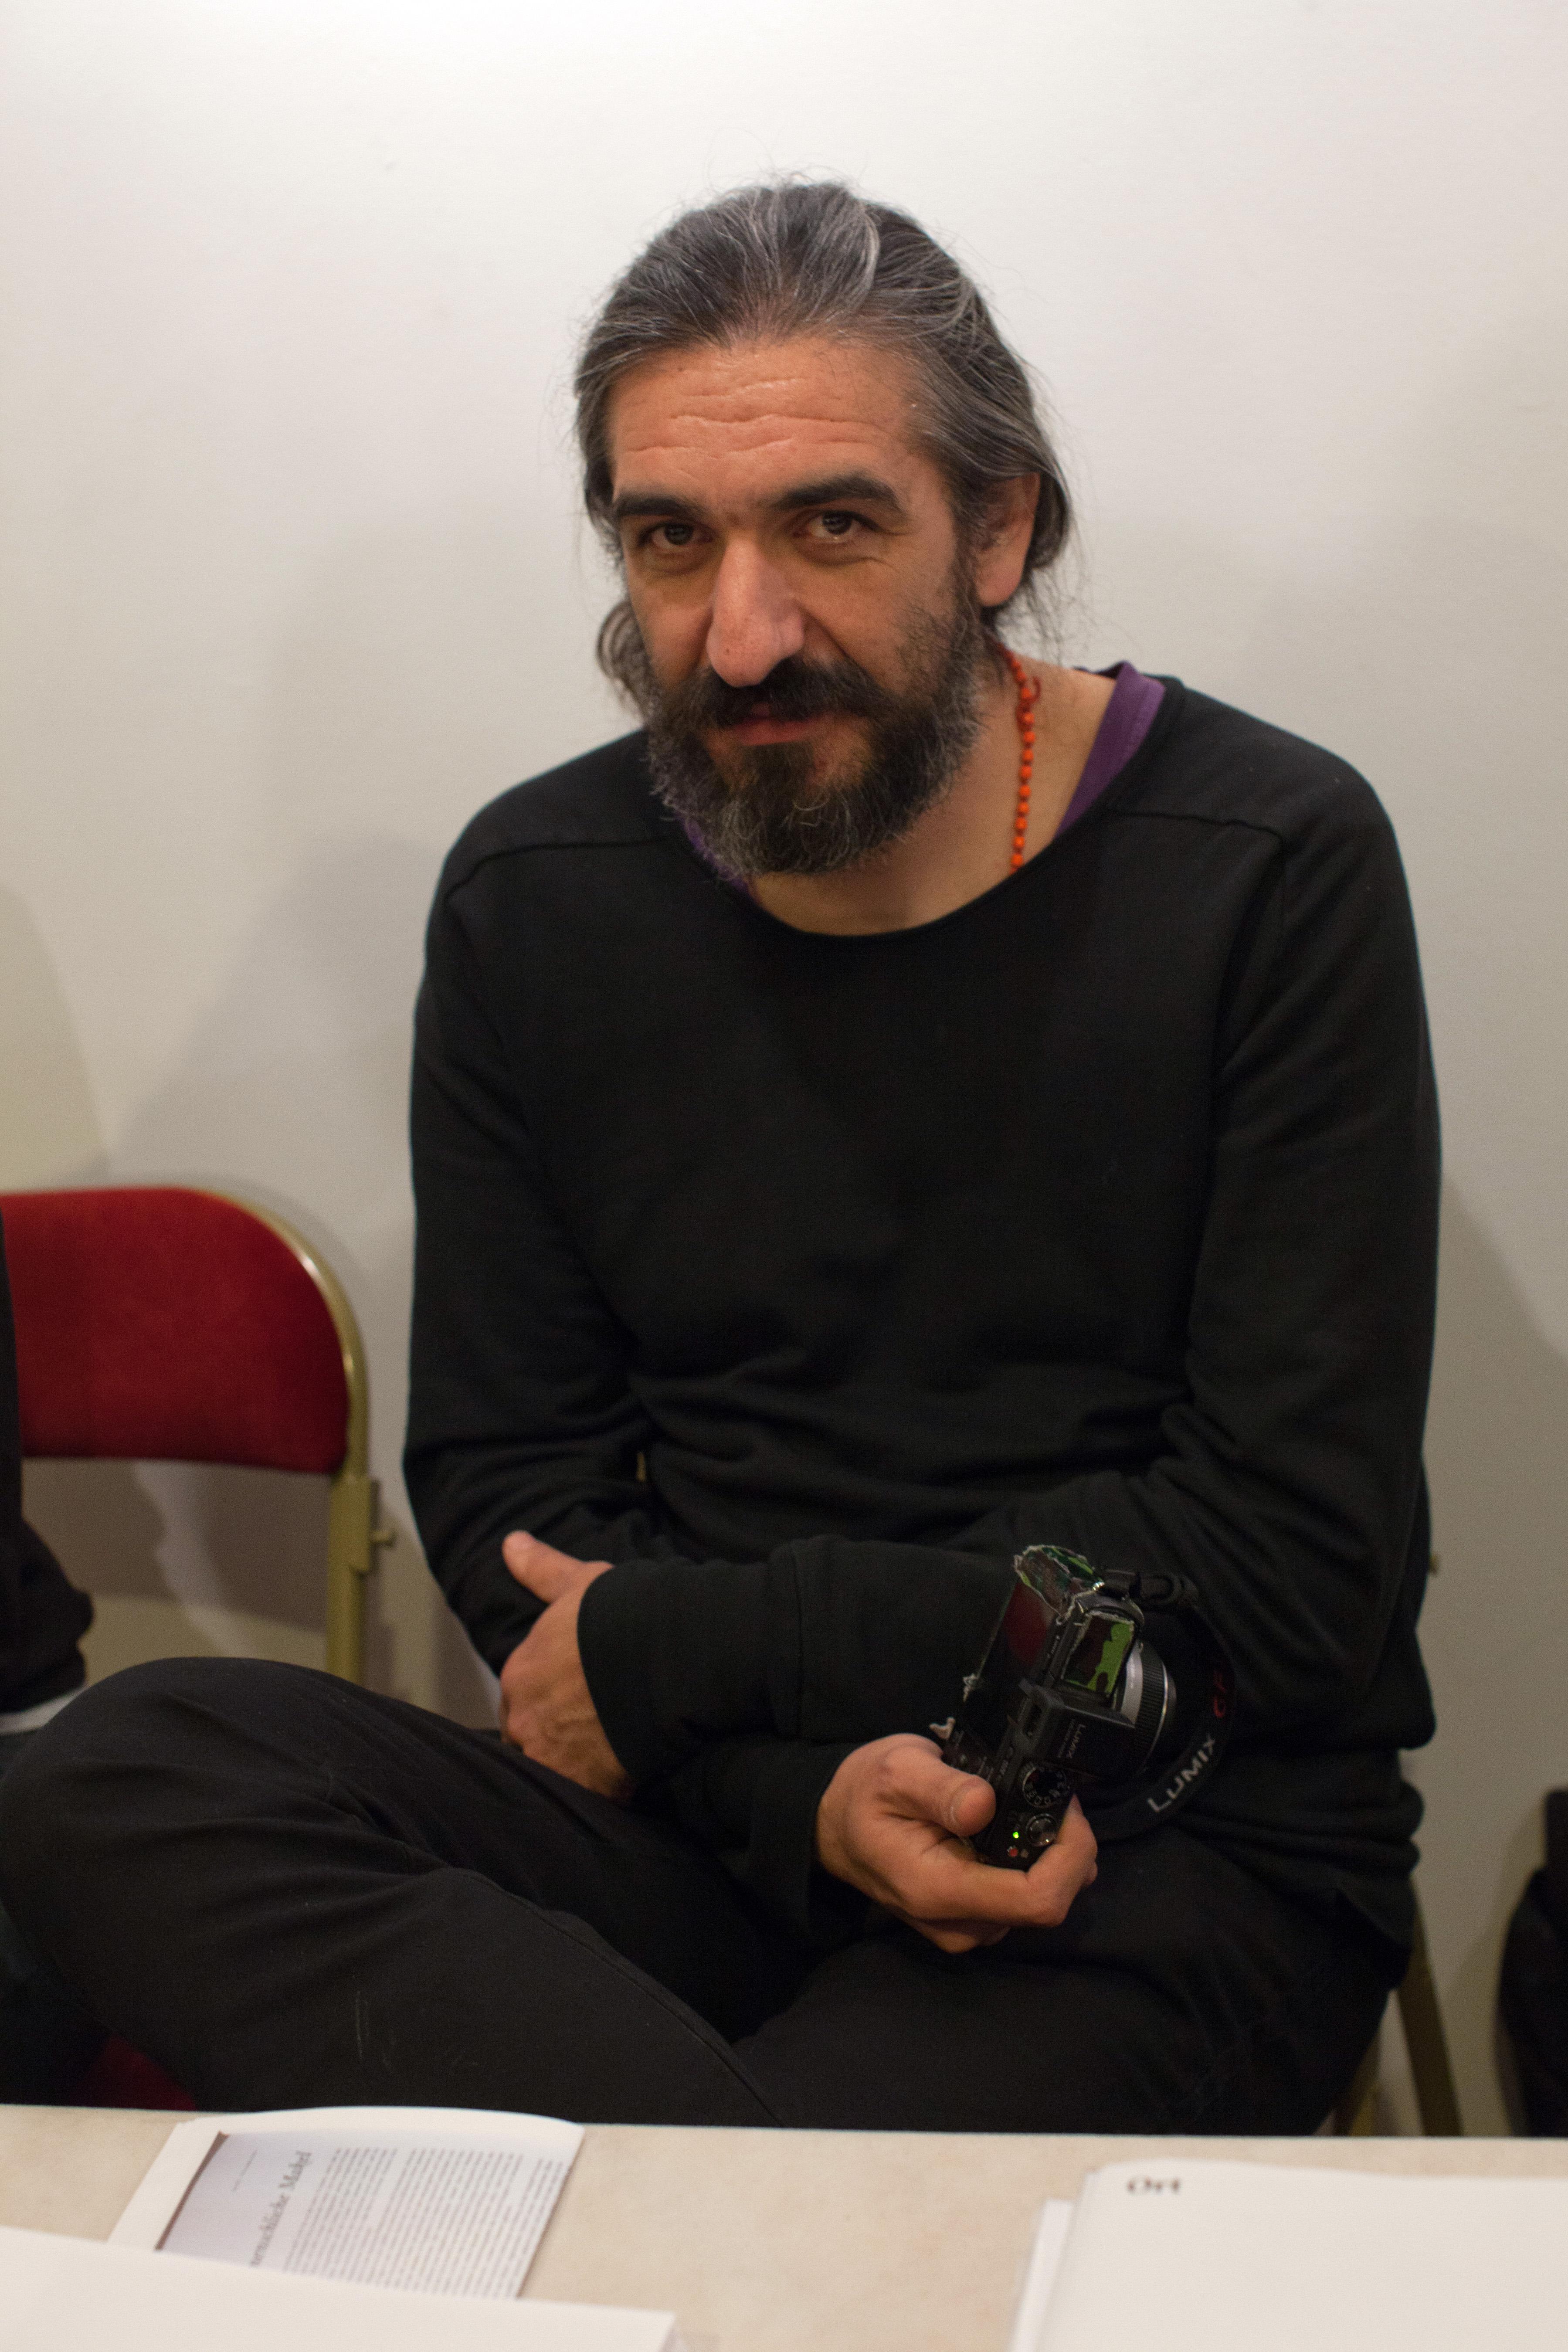 Image of Jörg Koopmann from Wikidata